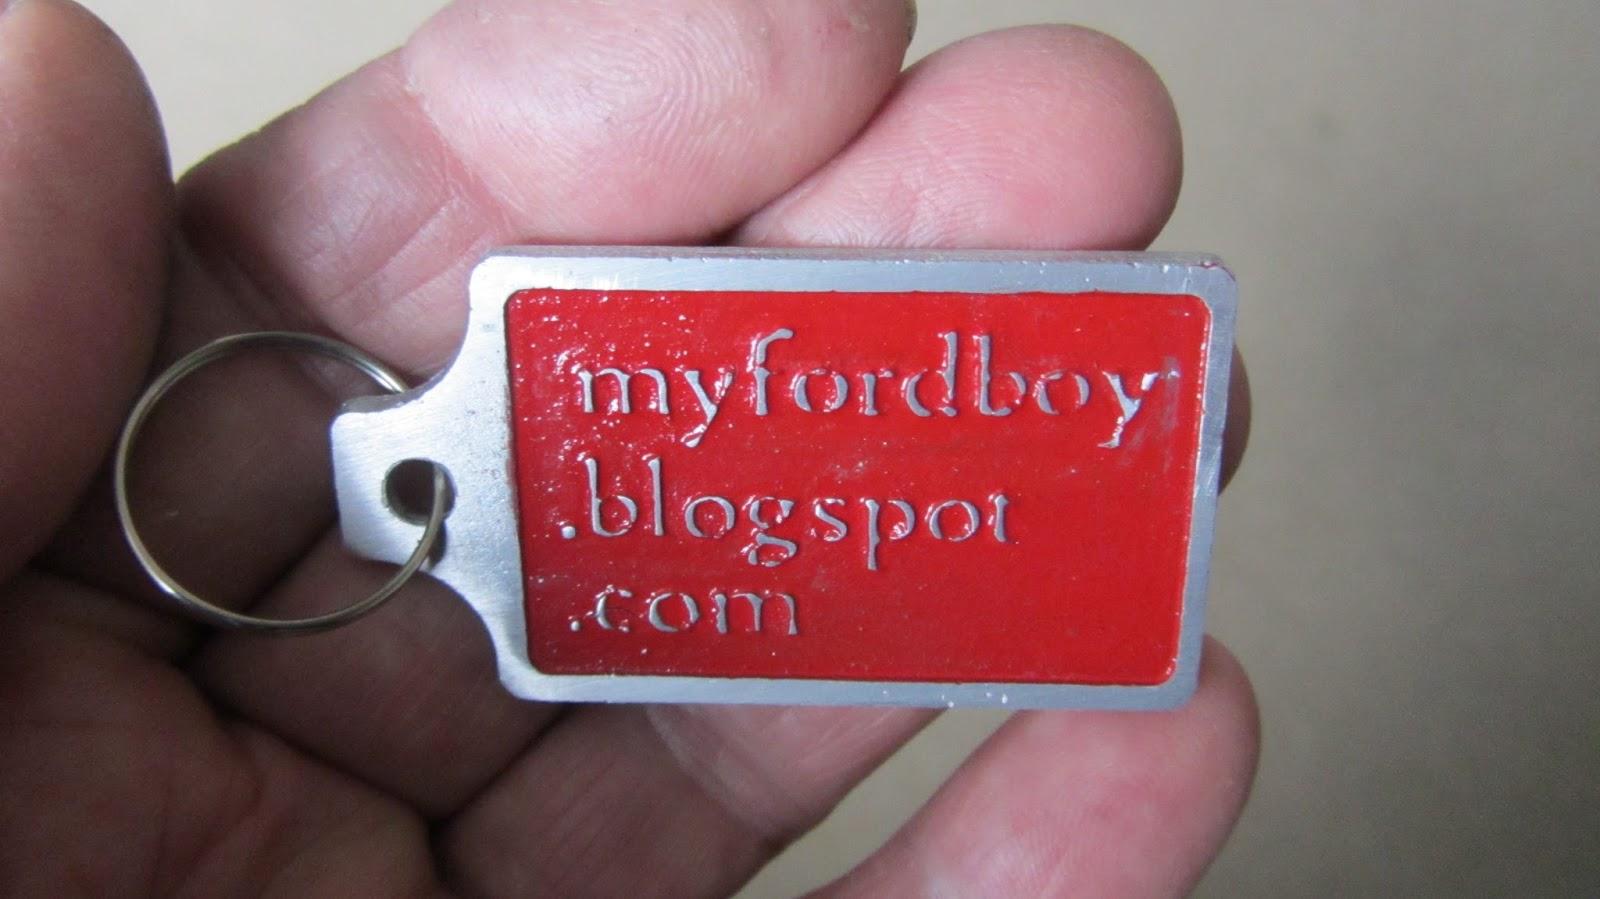 myfordboy blog and online resources: Banggood Desktop